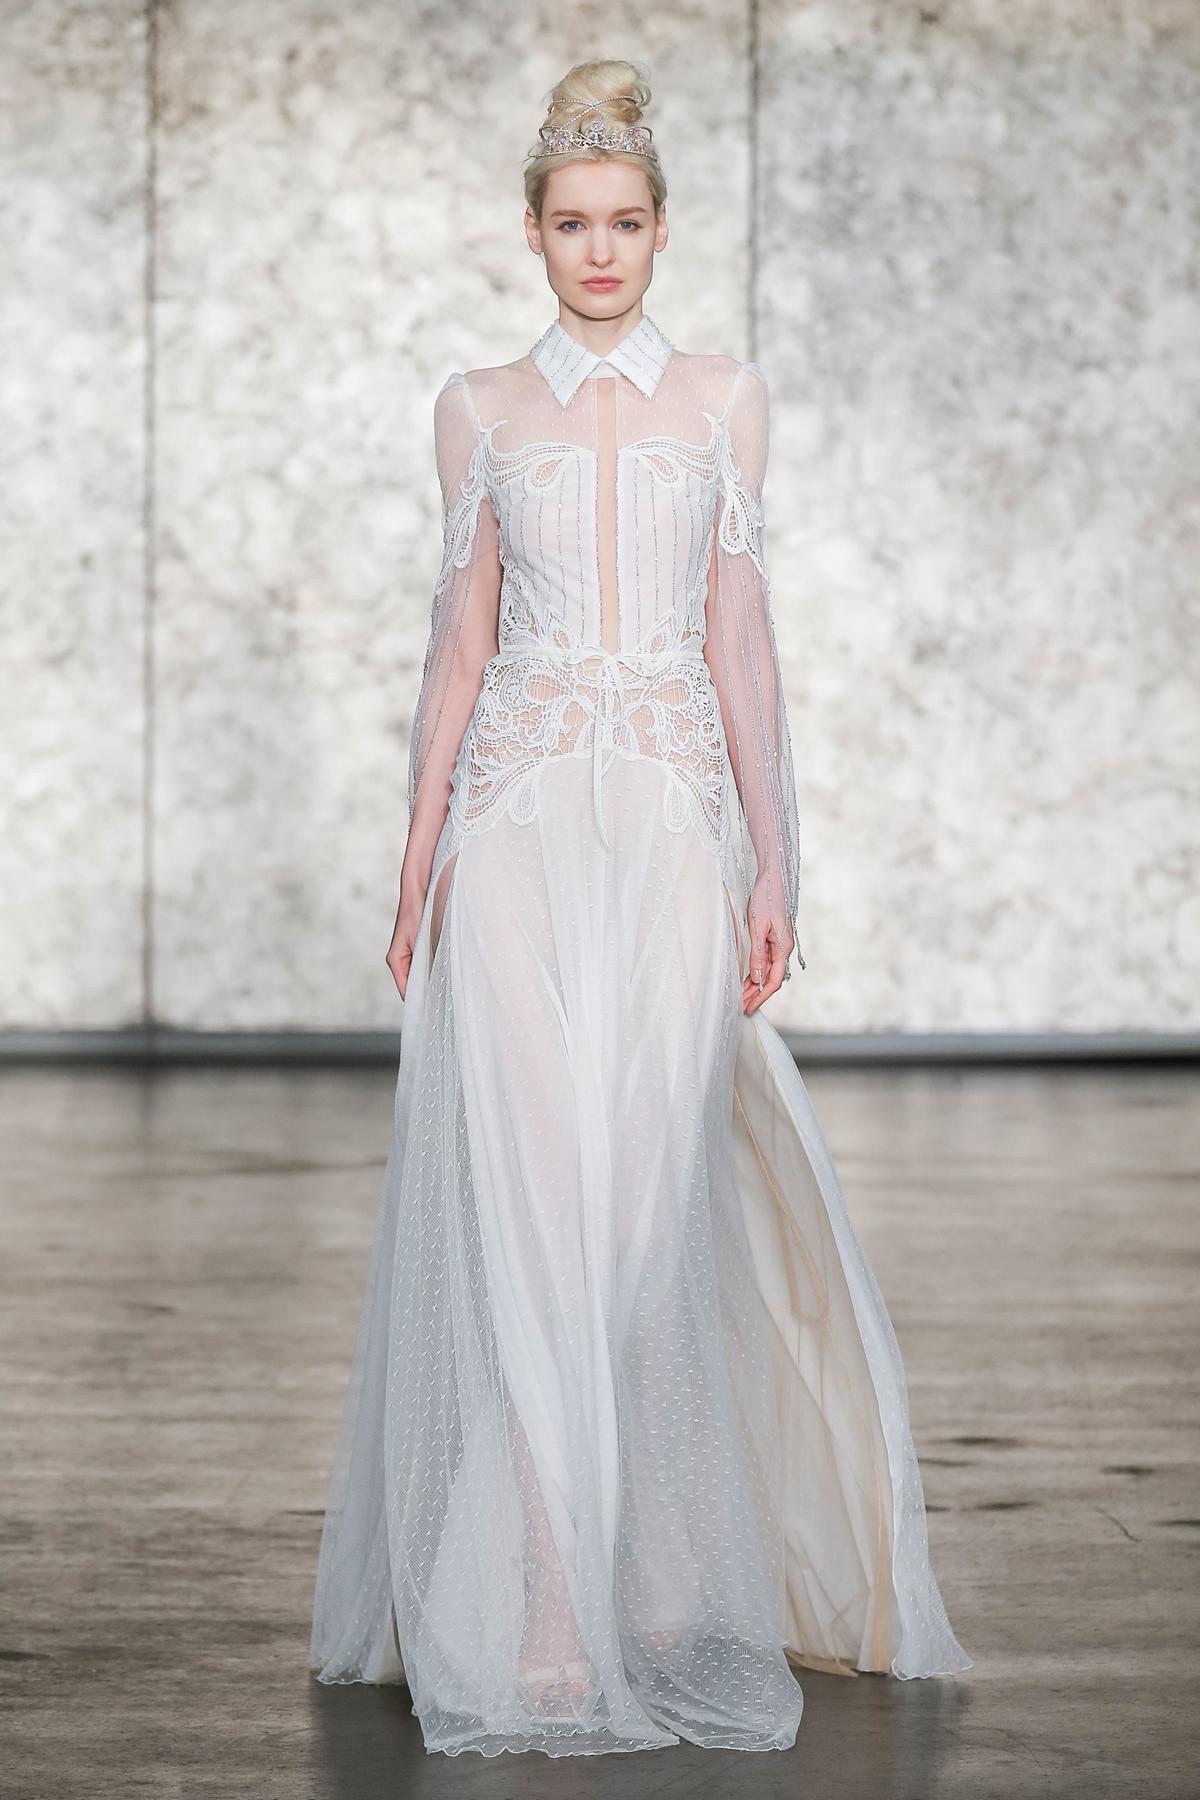 Meghan Markle S Wedding Dress What Will She Wear Love